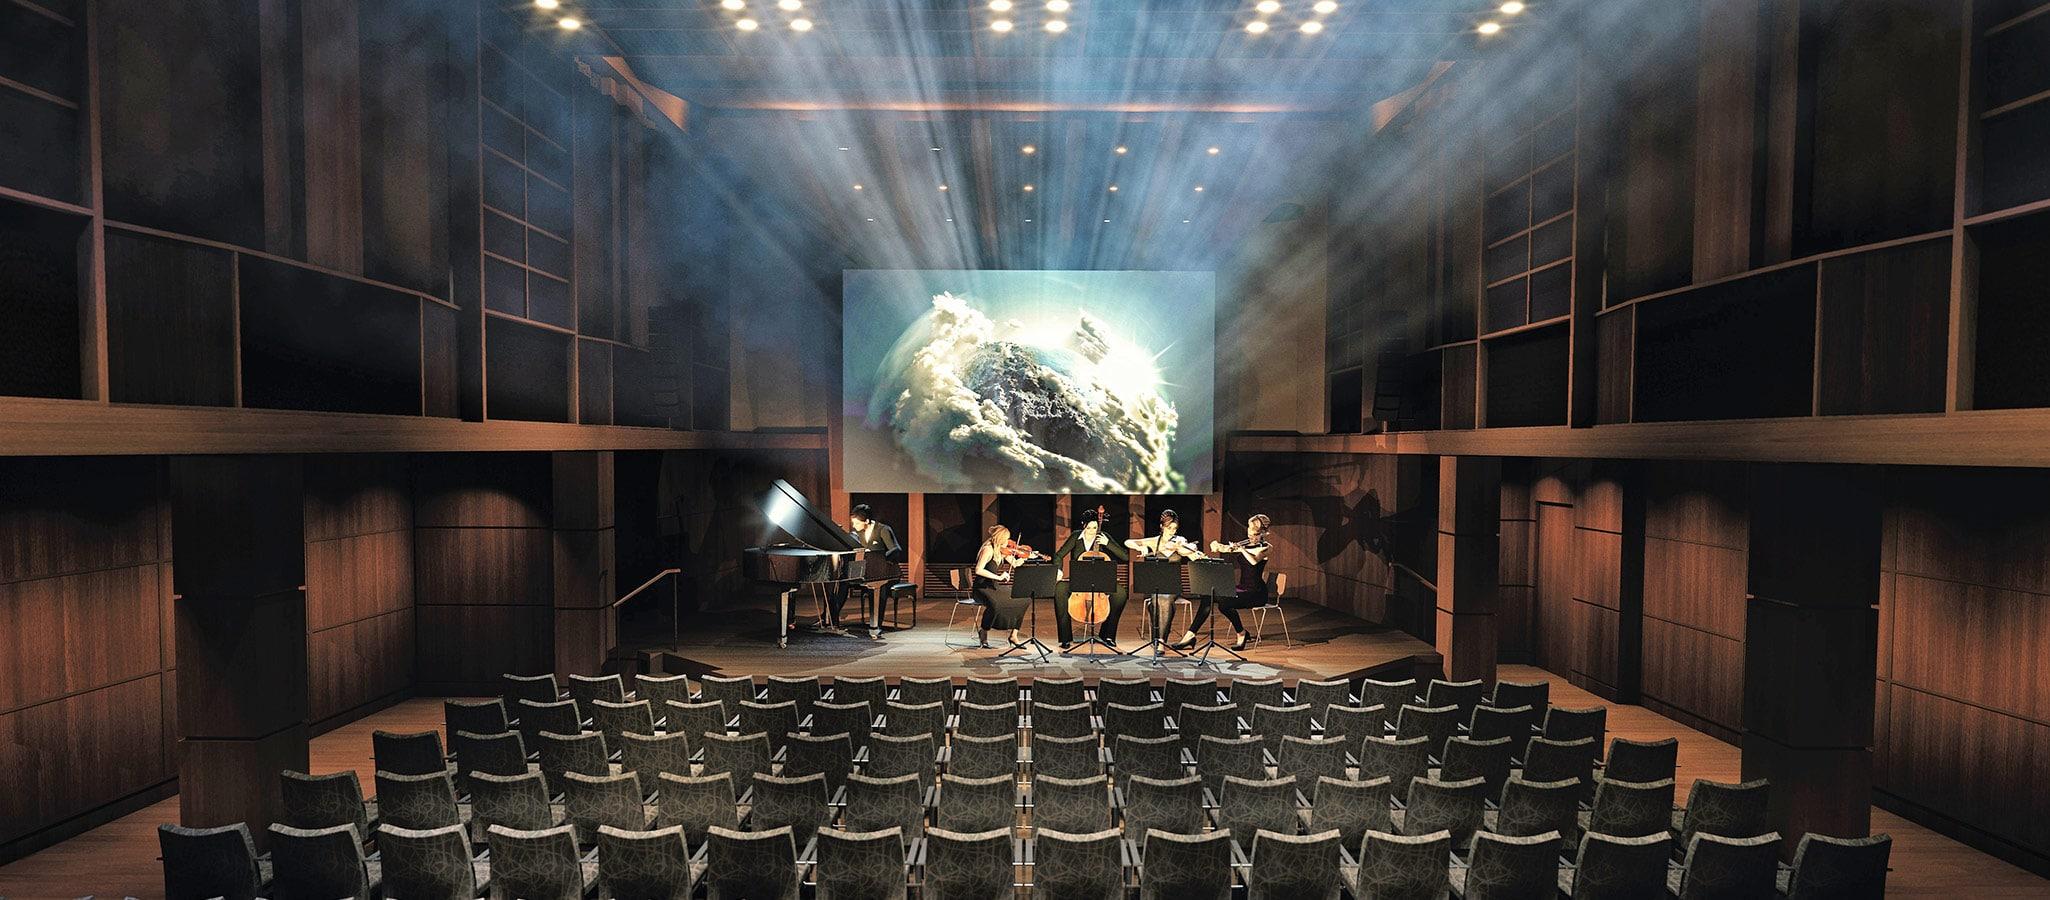 Für musikalische Highlights ebenso erbaut wie für Seminare und Vorträge - das Klanghaus mit einzigartiger Akkustik.